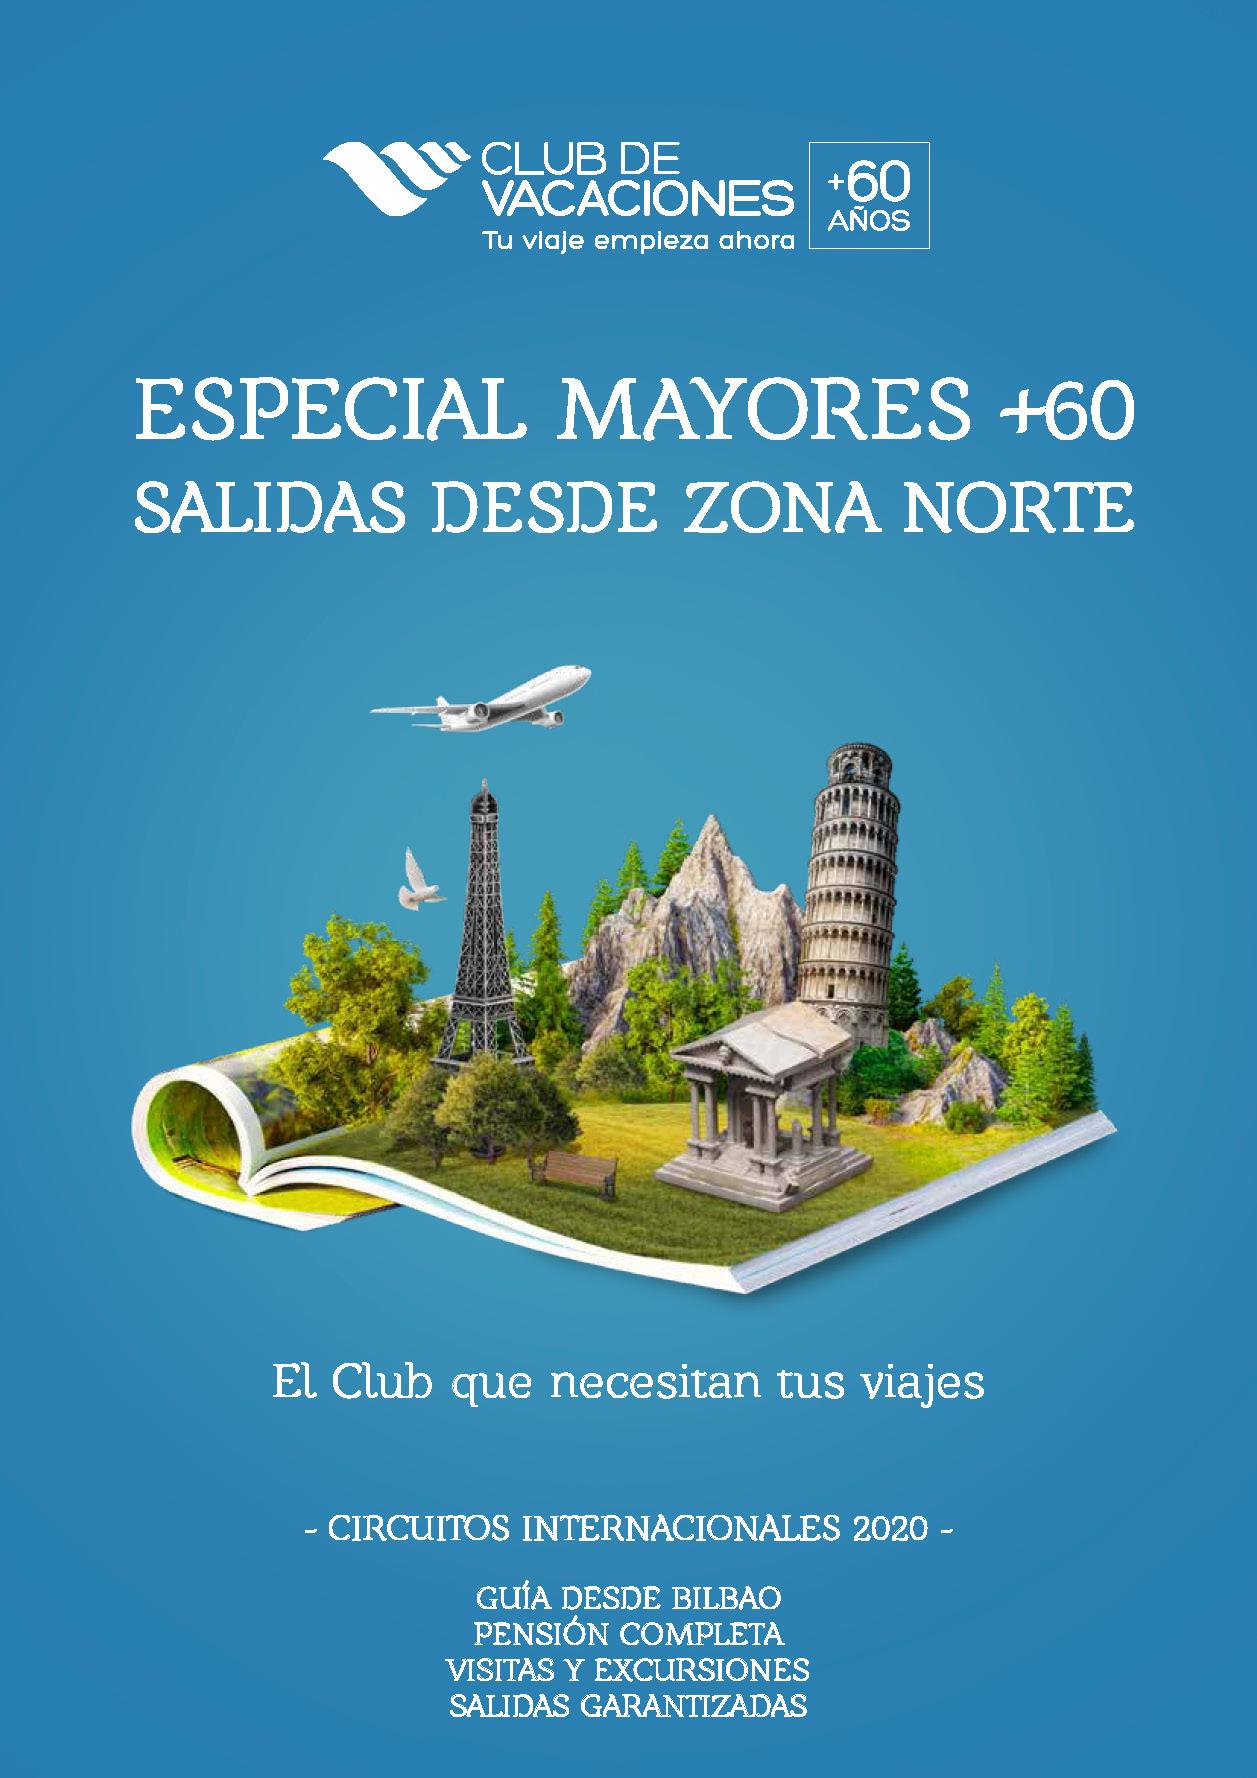 Catalogo Club de Vacaciones Circuitos Internacionales 2020 salidas Zona Norte